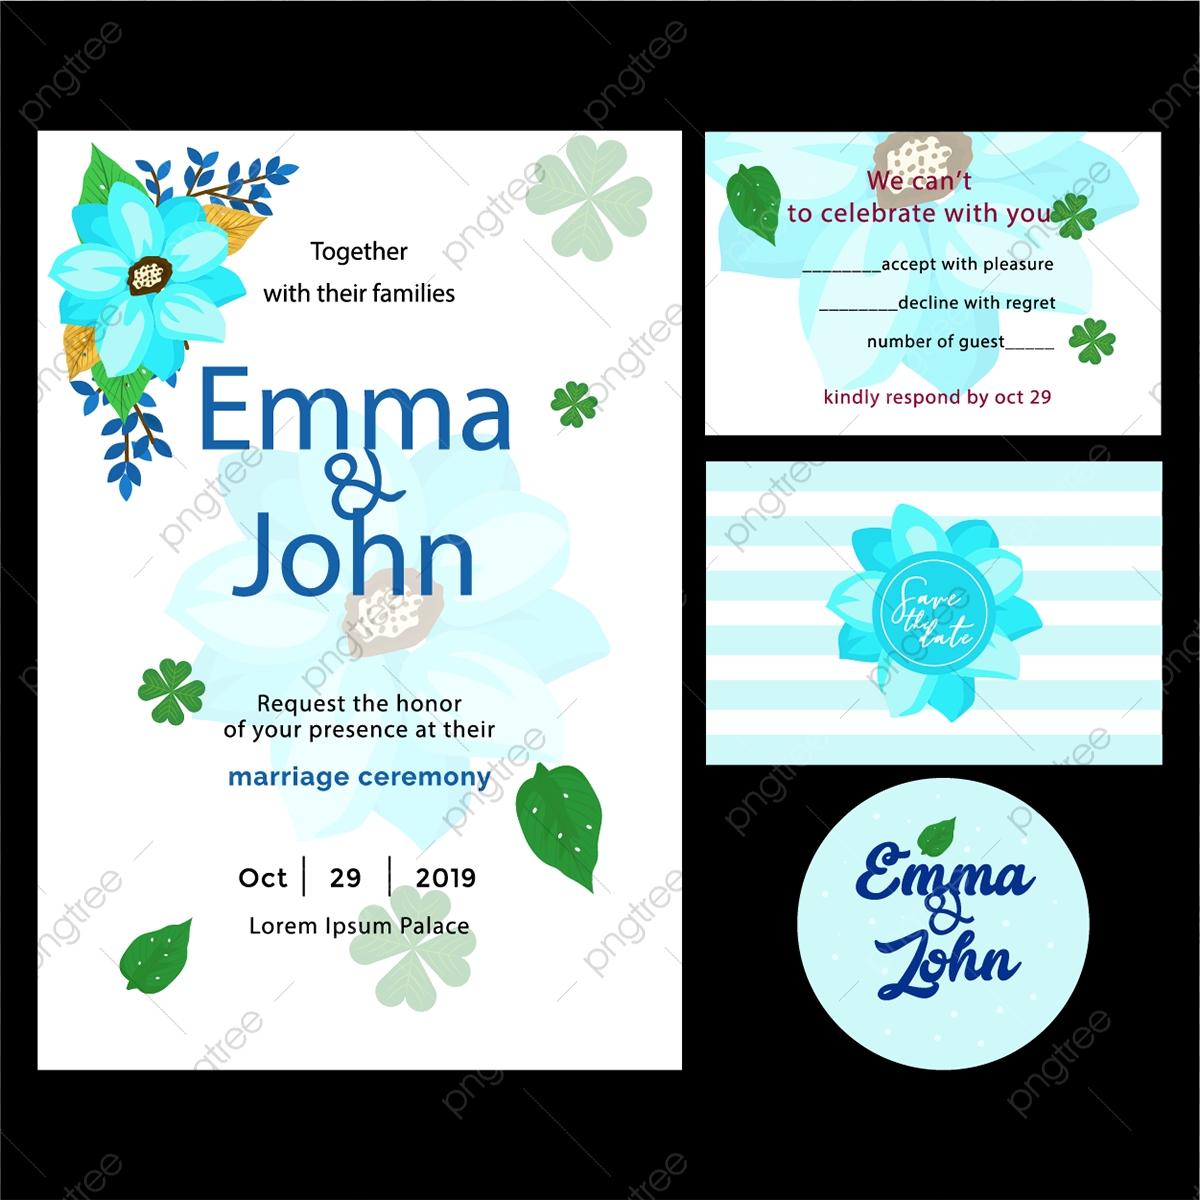 Carte D Invitation De Mariage Avec Fleurs Bleues Anniversaire Le Dessin Moderne Fichier Png Et Psd Pour Le Telechargement Libre